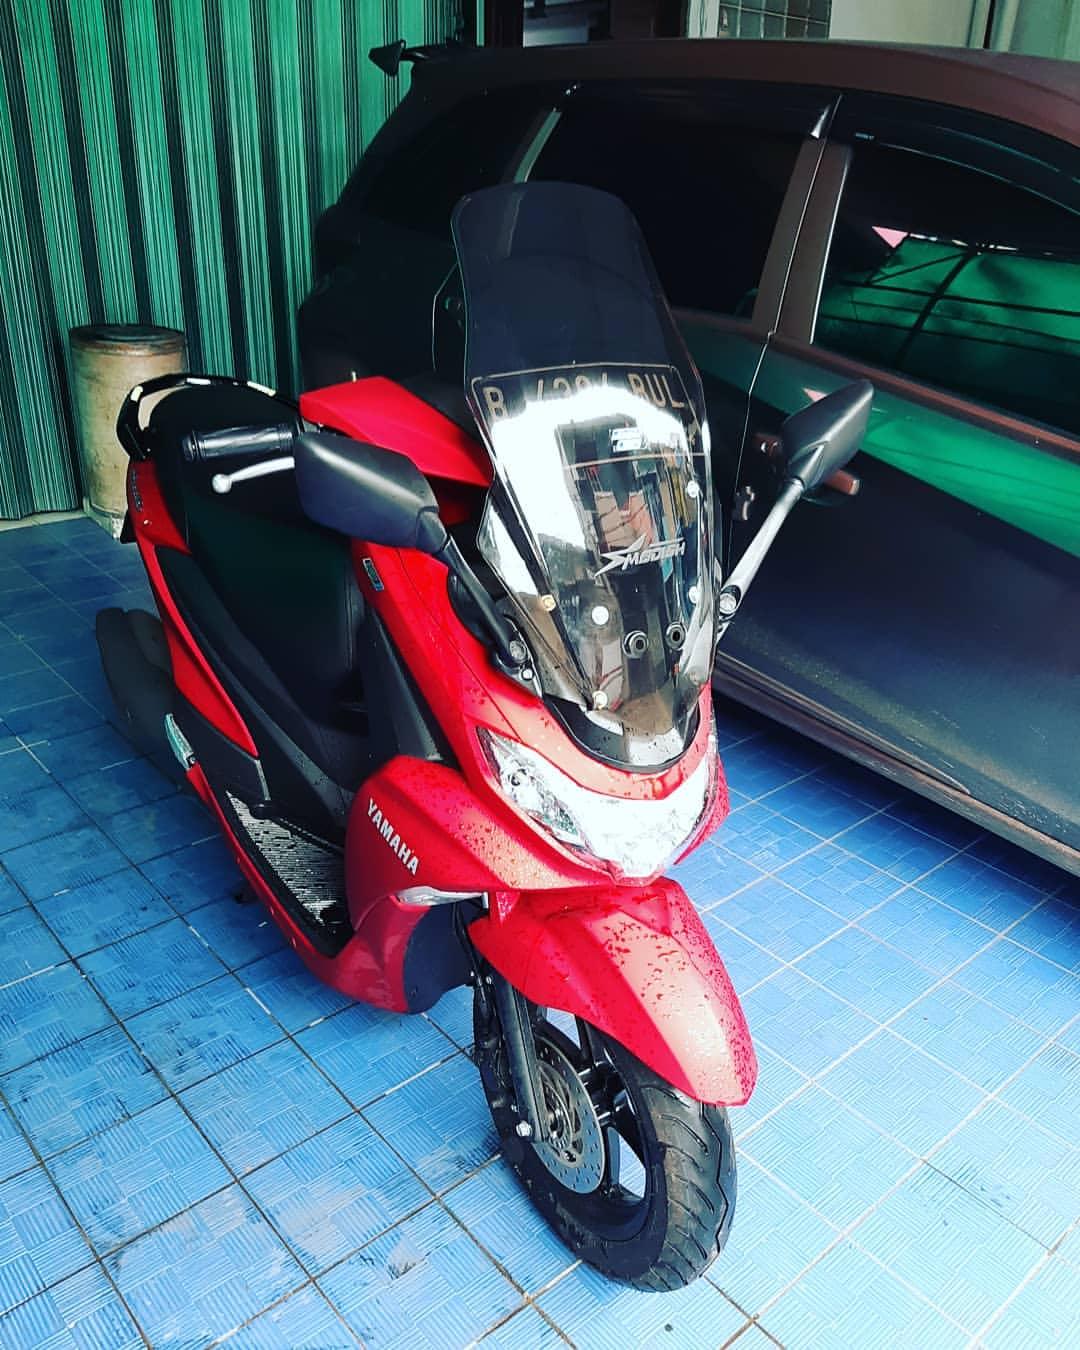 Bengkel Otomotif Modifikasi Yamaha Freego Pakai Setang Yamaha Lexy